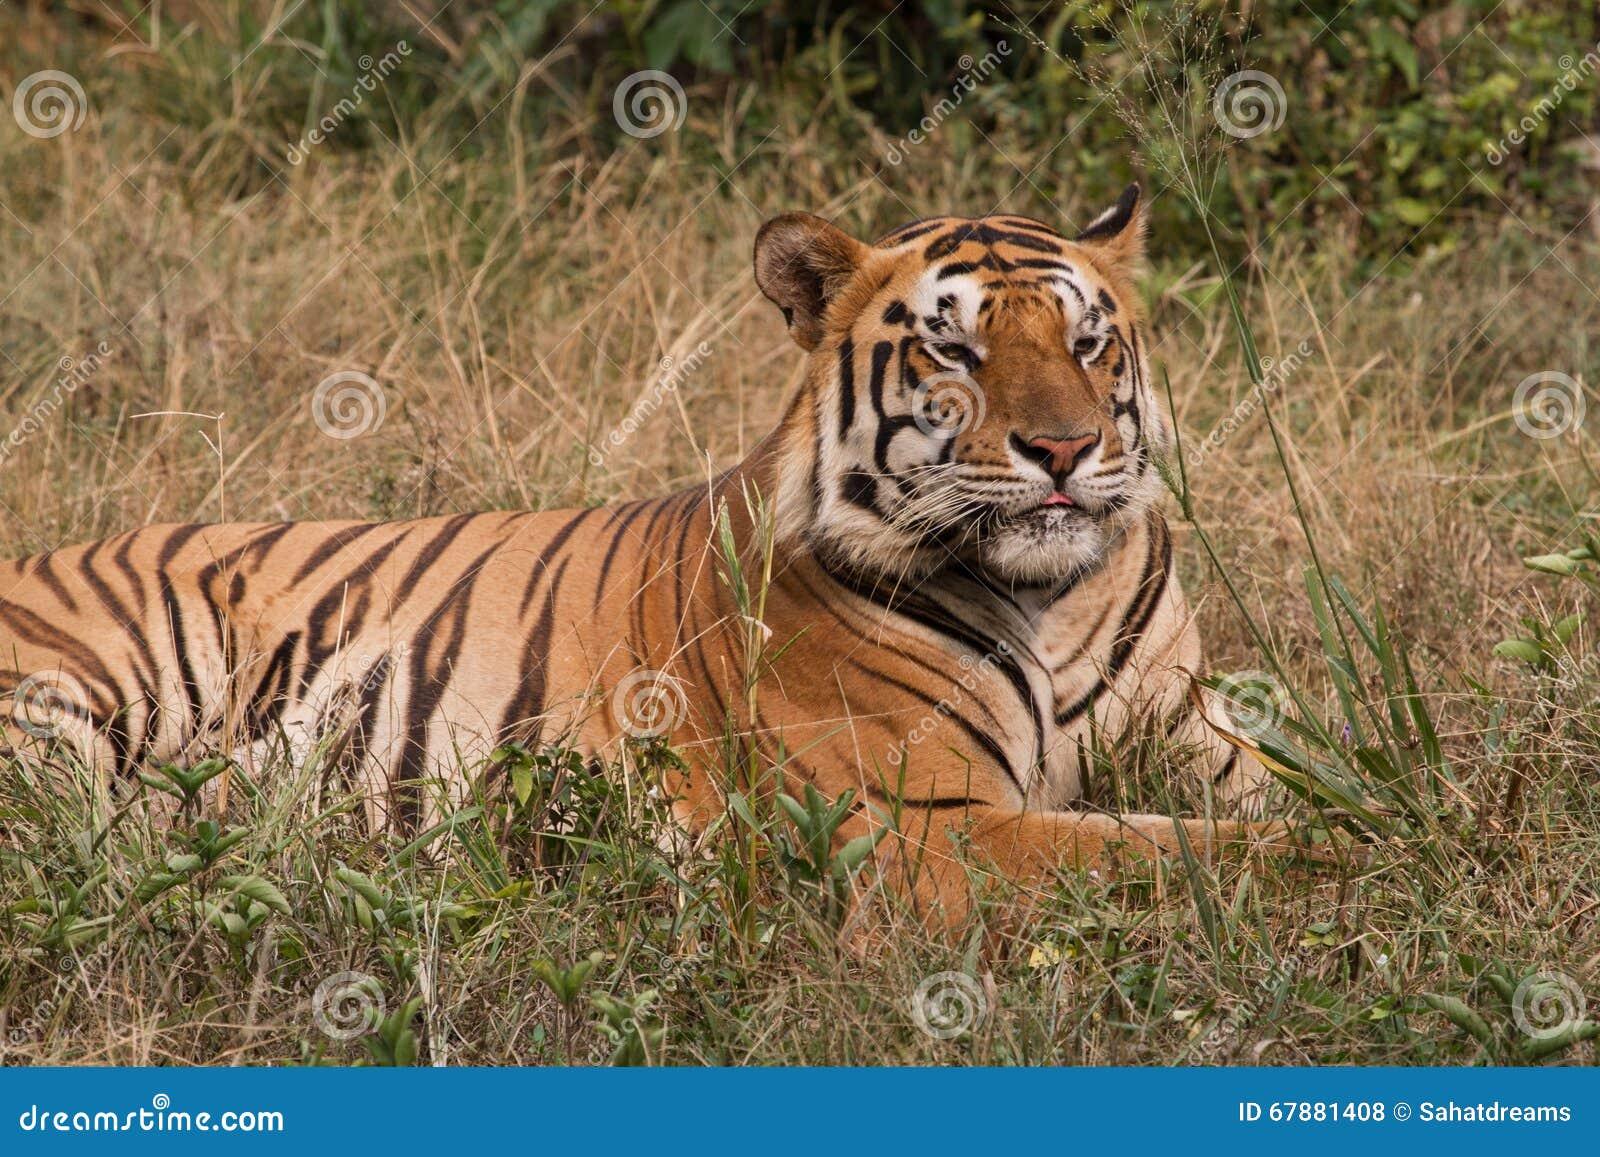 苏门答腊老虎在草说谎